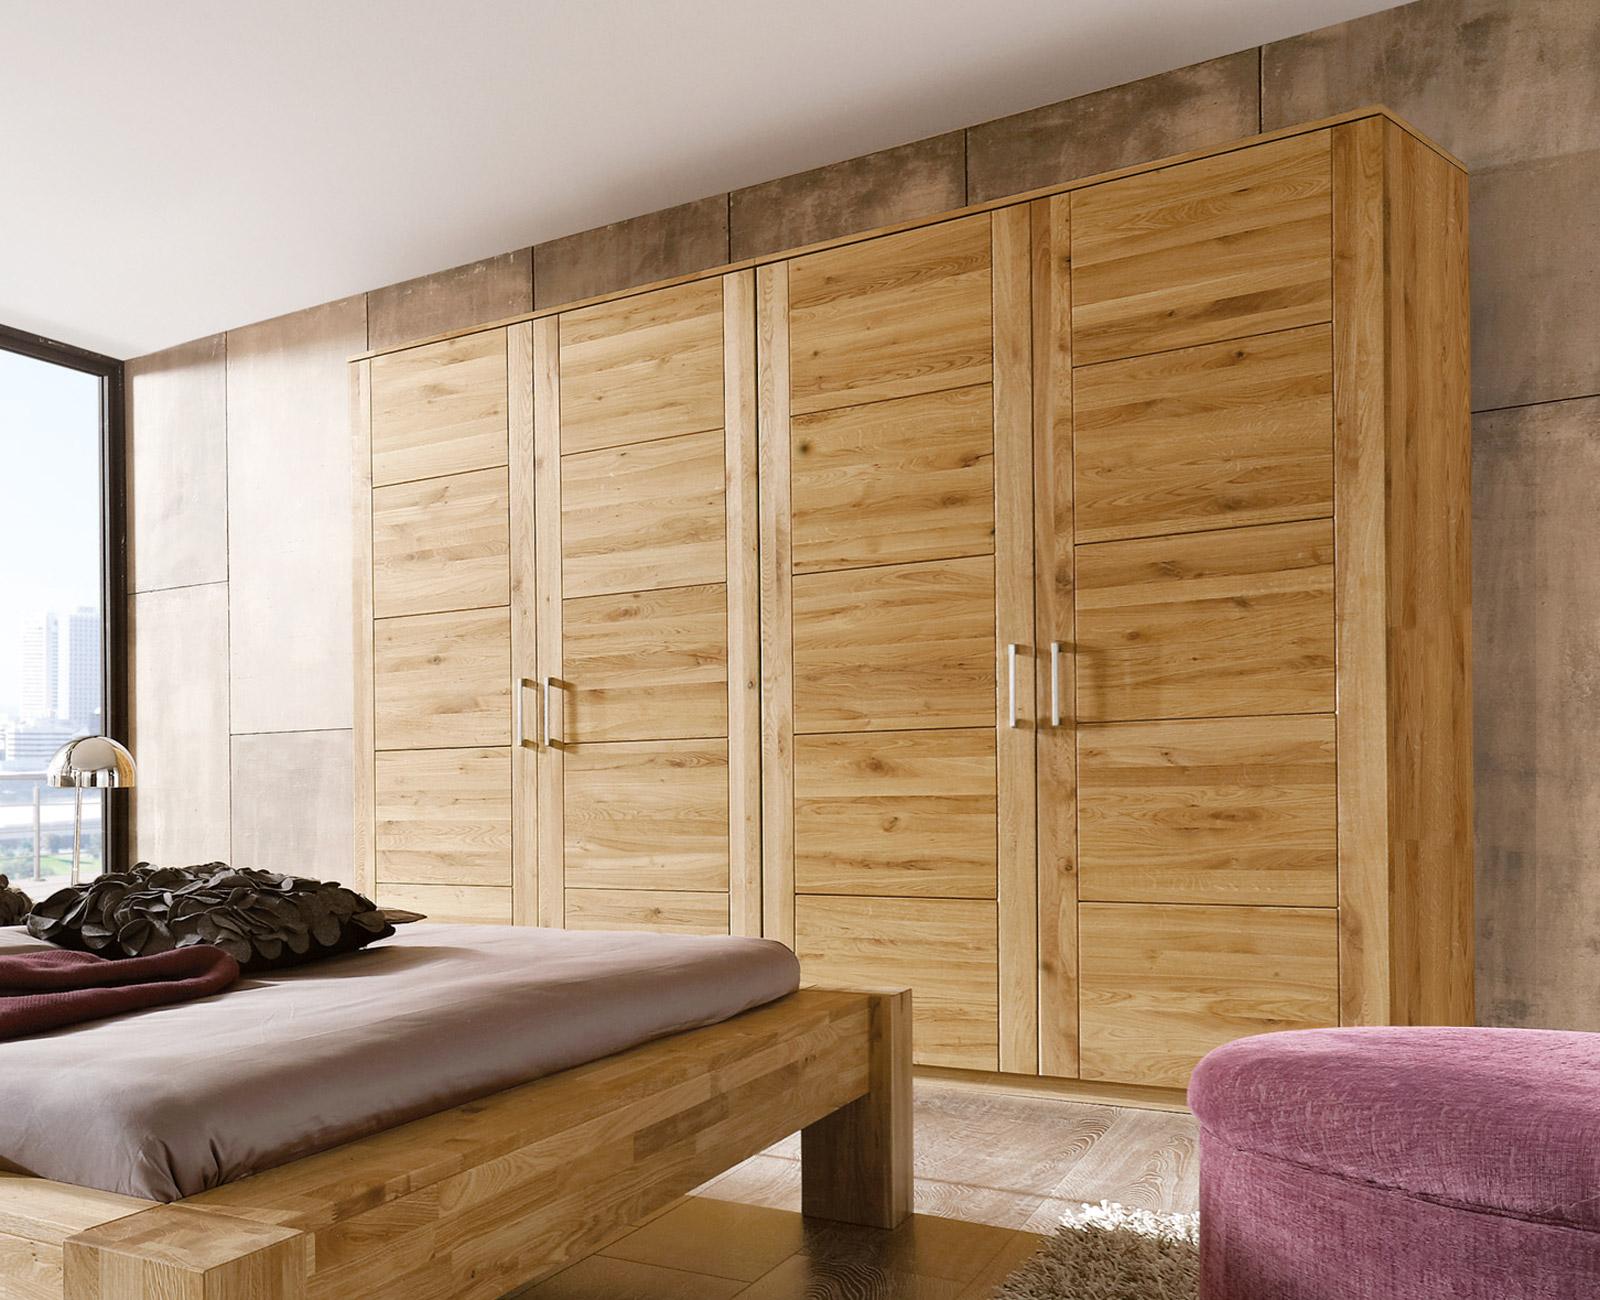 Kleiderschranke Aus Wildeiche Fur Schlafzimmer Betten De